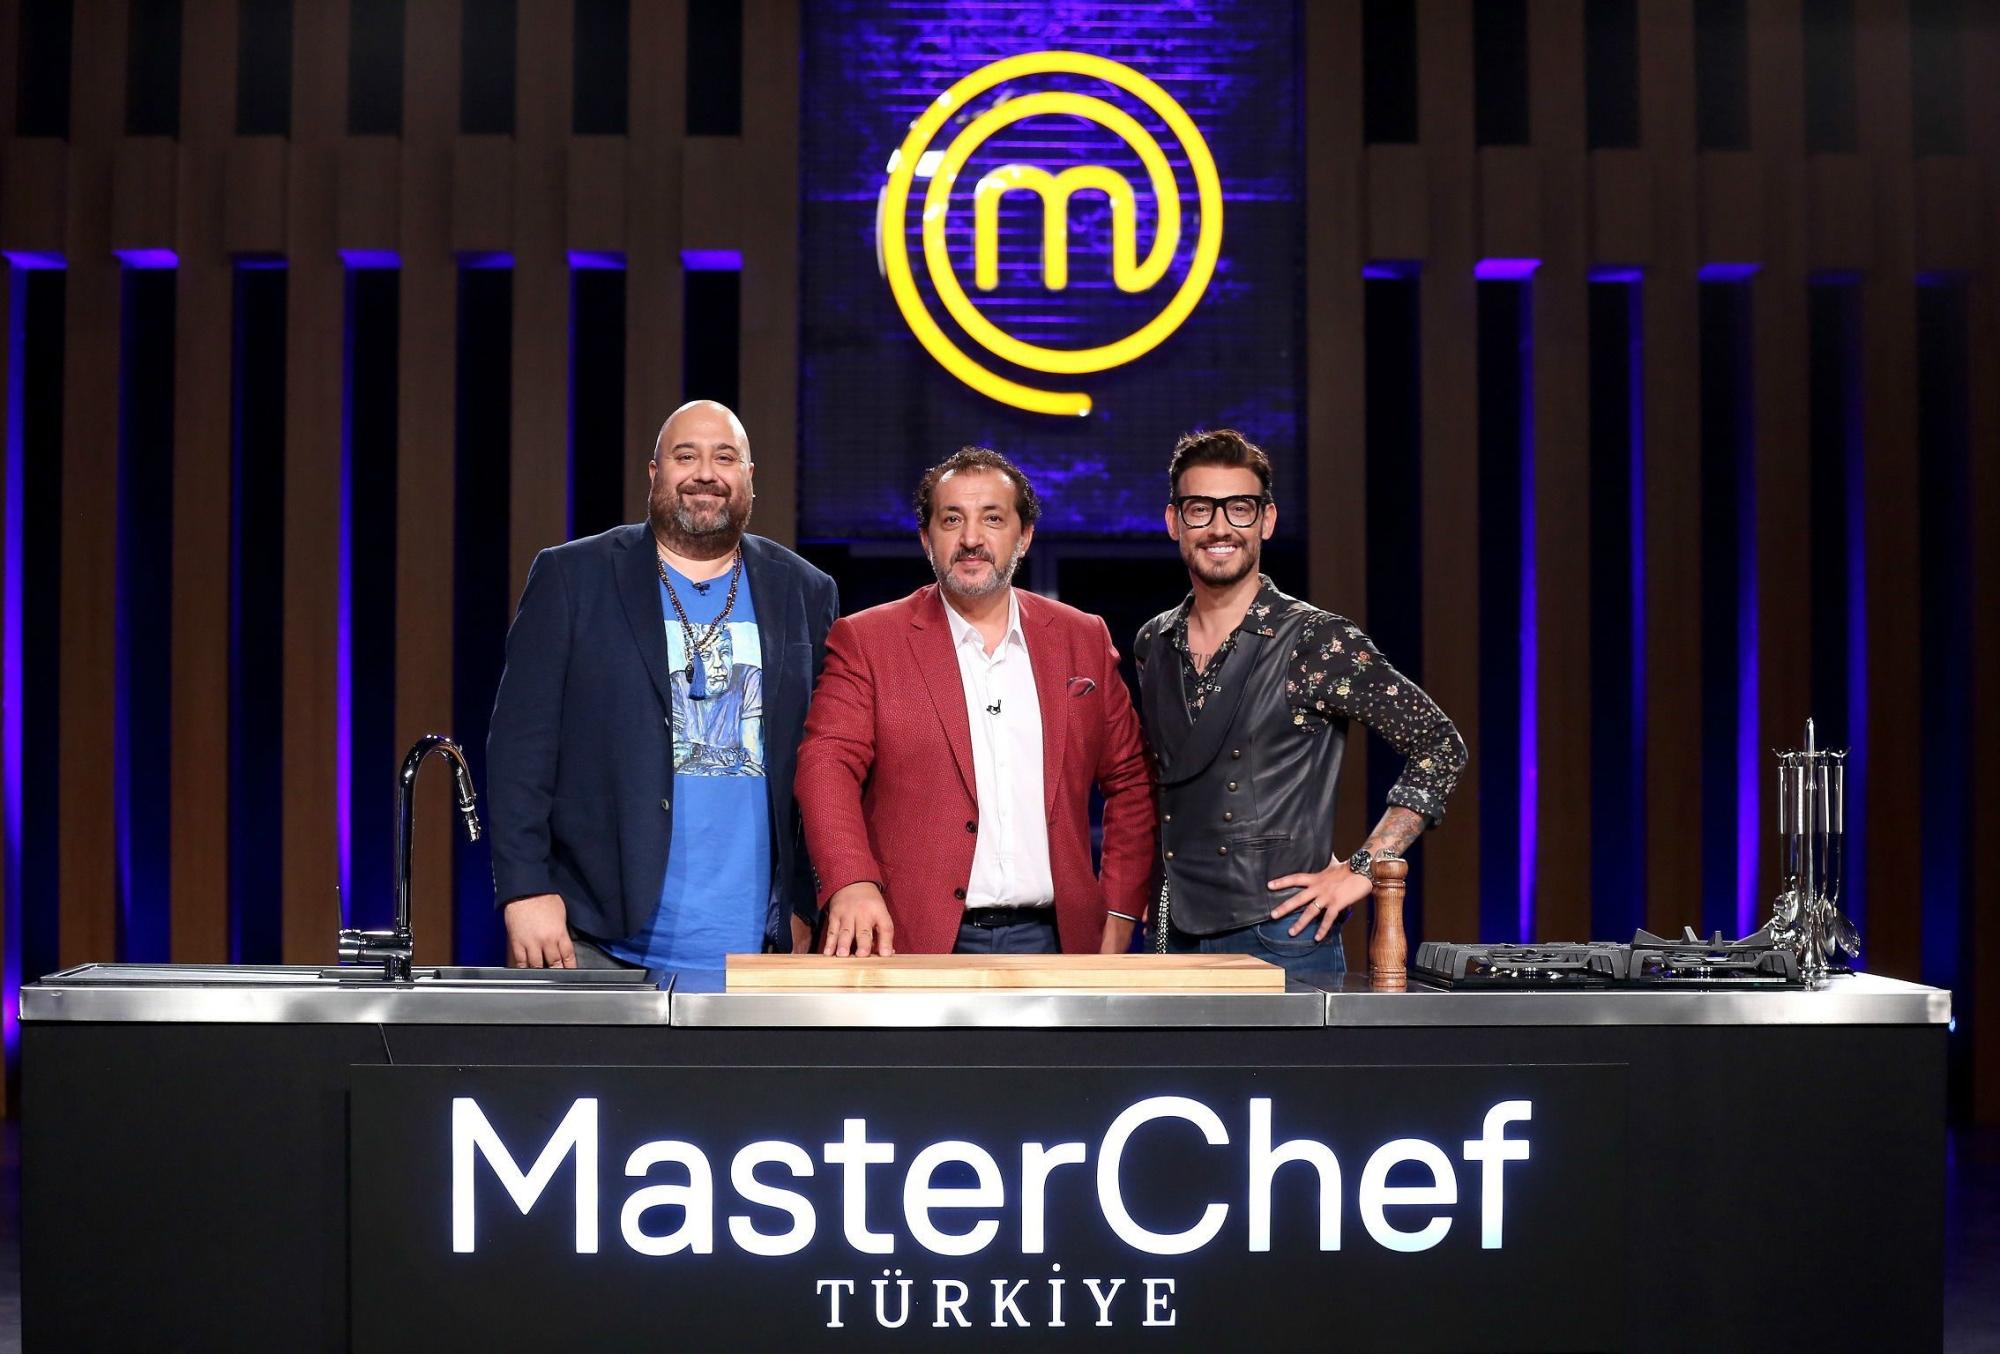 MasterChef Türkiye 131. yeni bölüm izle! MasterChef'te ilk finalist kim olacak? 28 Aralık 2020 TV8 yayın akışı